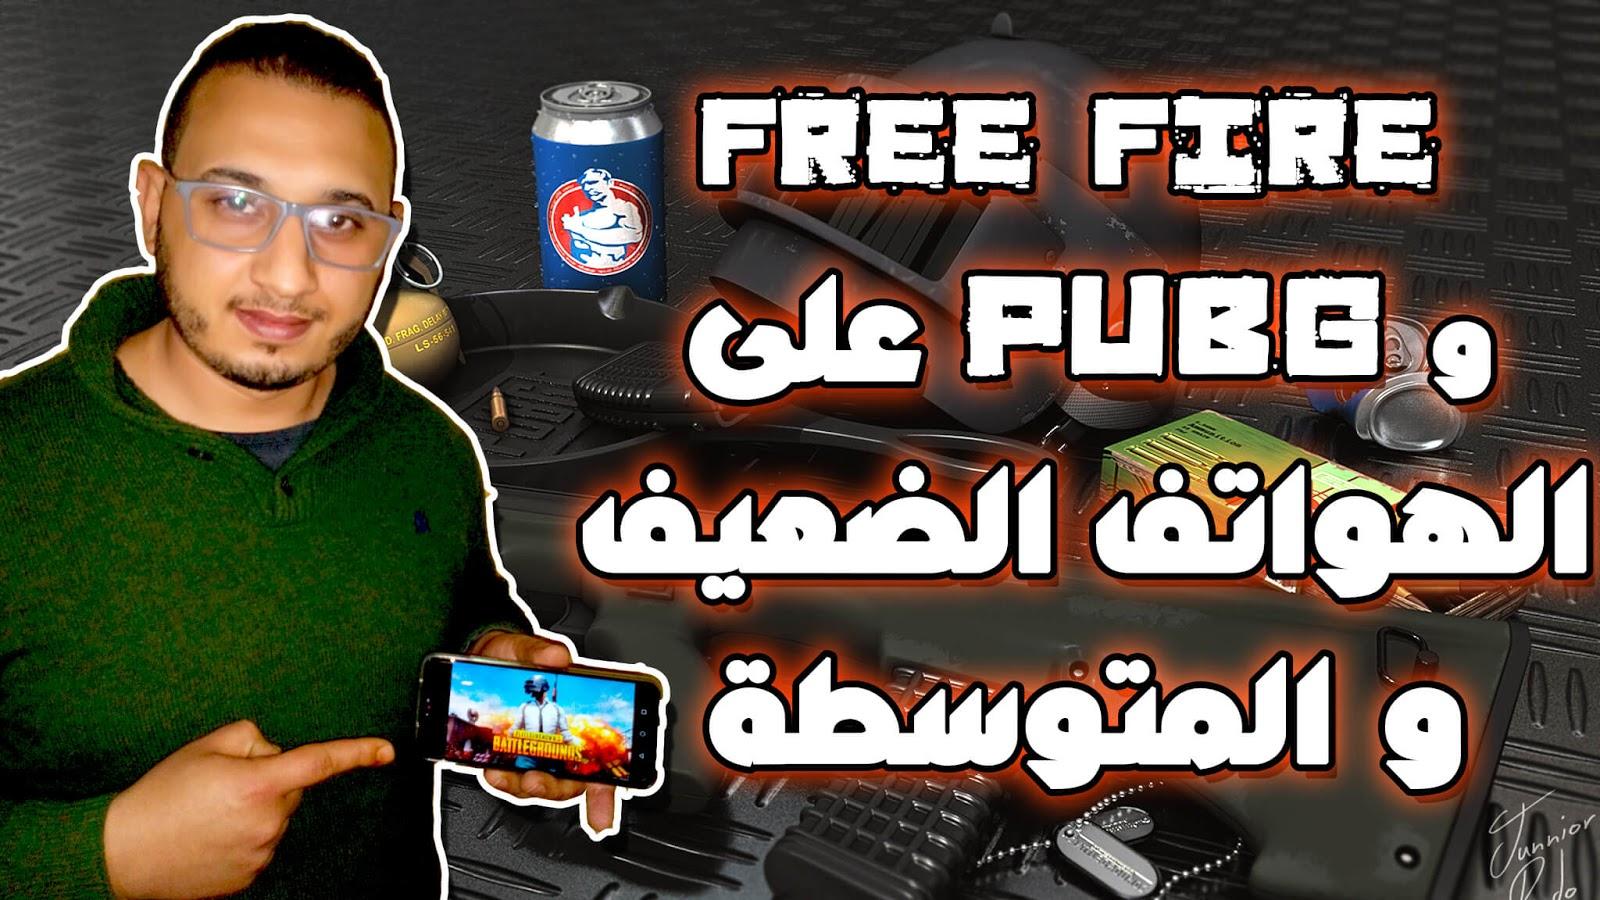 تشغيل ألعاب Free Fire و PUBG على الهواتف الضعيفة و المتوسطة